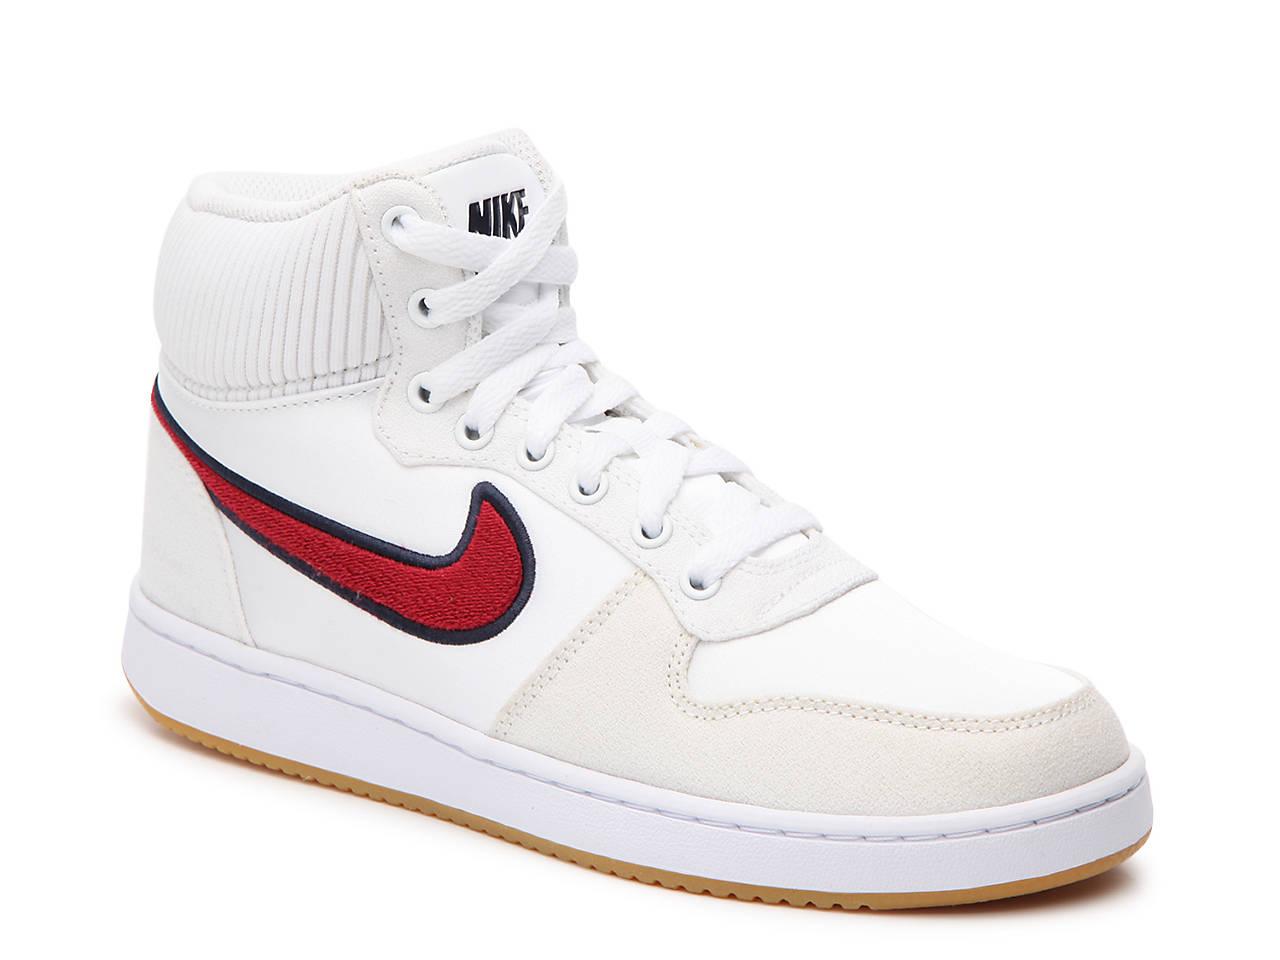 ffda156a3f Nike Ebernon High-Top Sneaker Women s Shoes